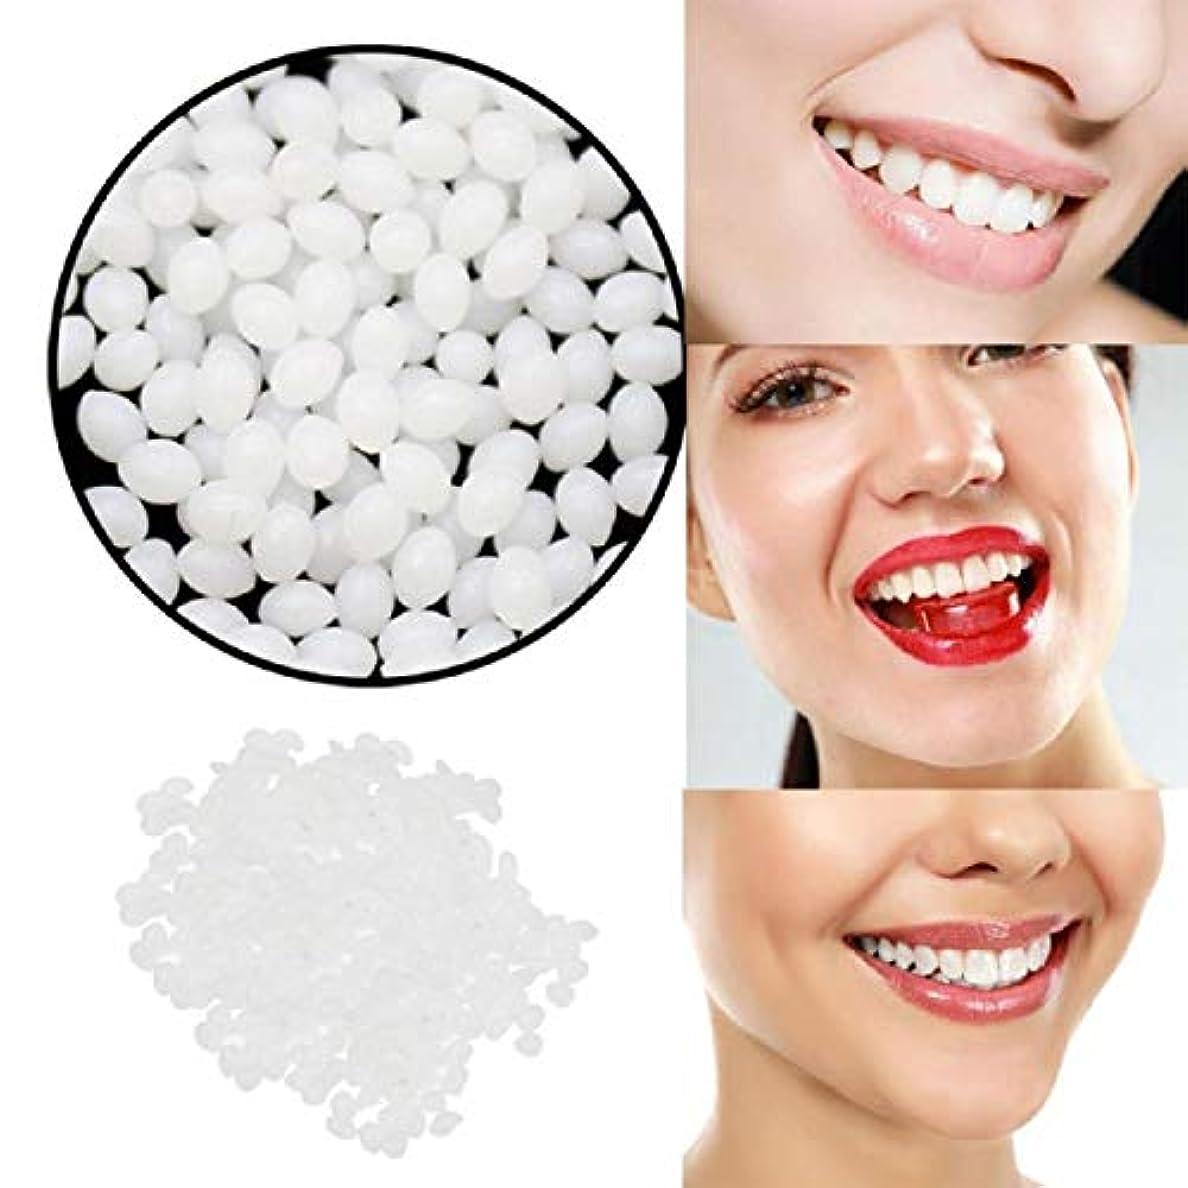 対処四半期オーナーBarlingrock一時的な歯の修理歯キットとギャップ 固体接着剤ホワイト義歯接着ツール用女性